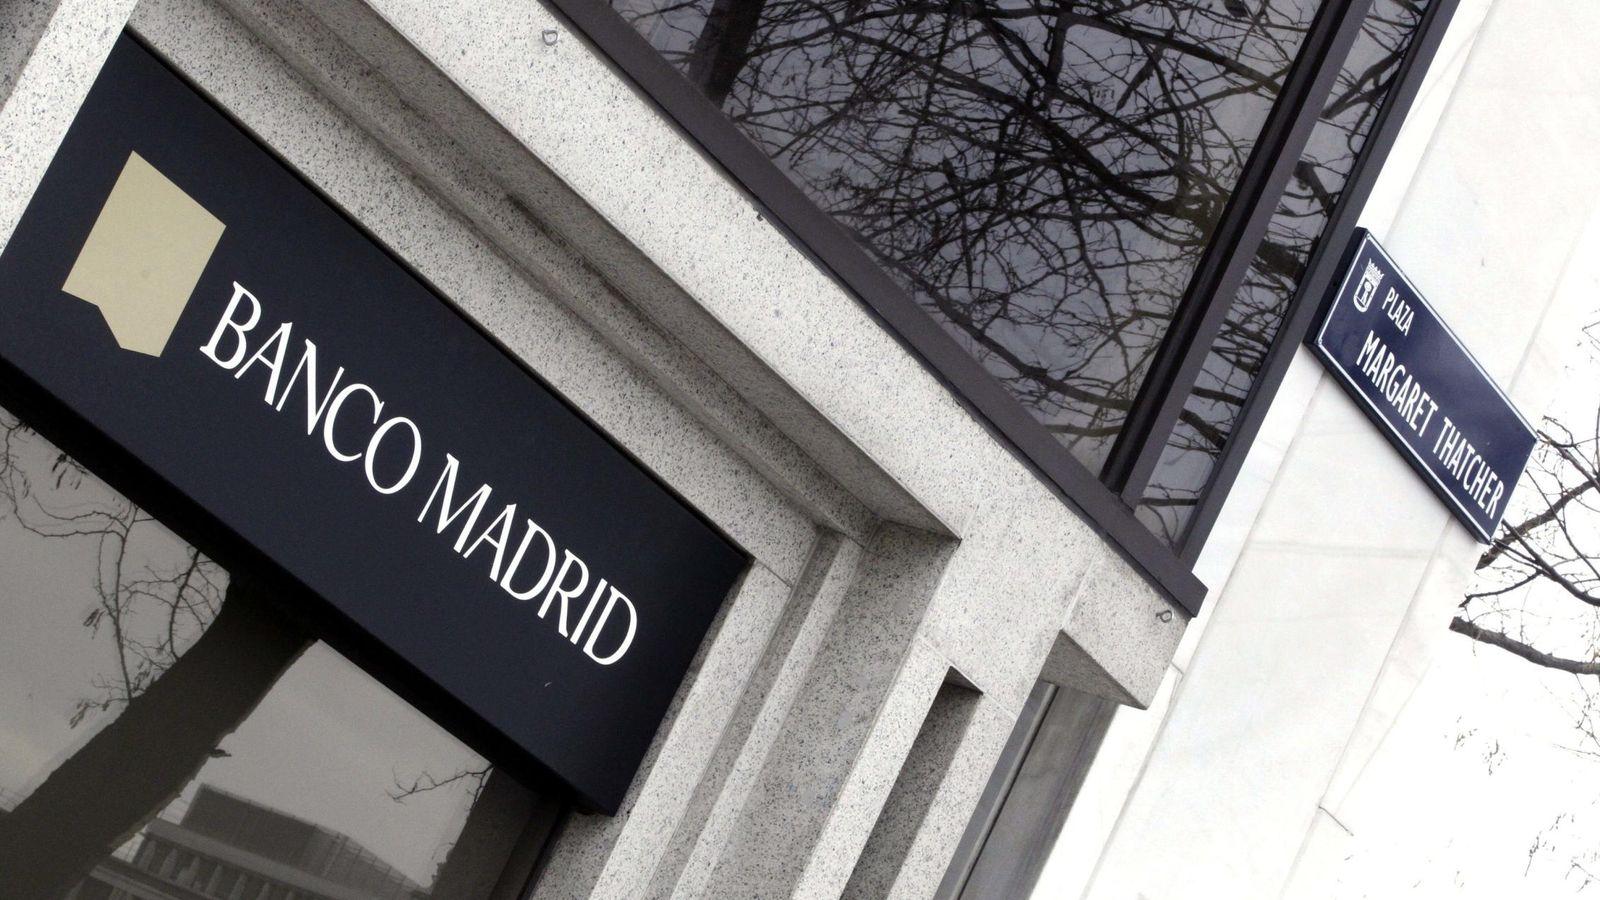 Foto: Banco Madrid fue intervenido el pasado 10 de marzo